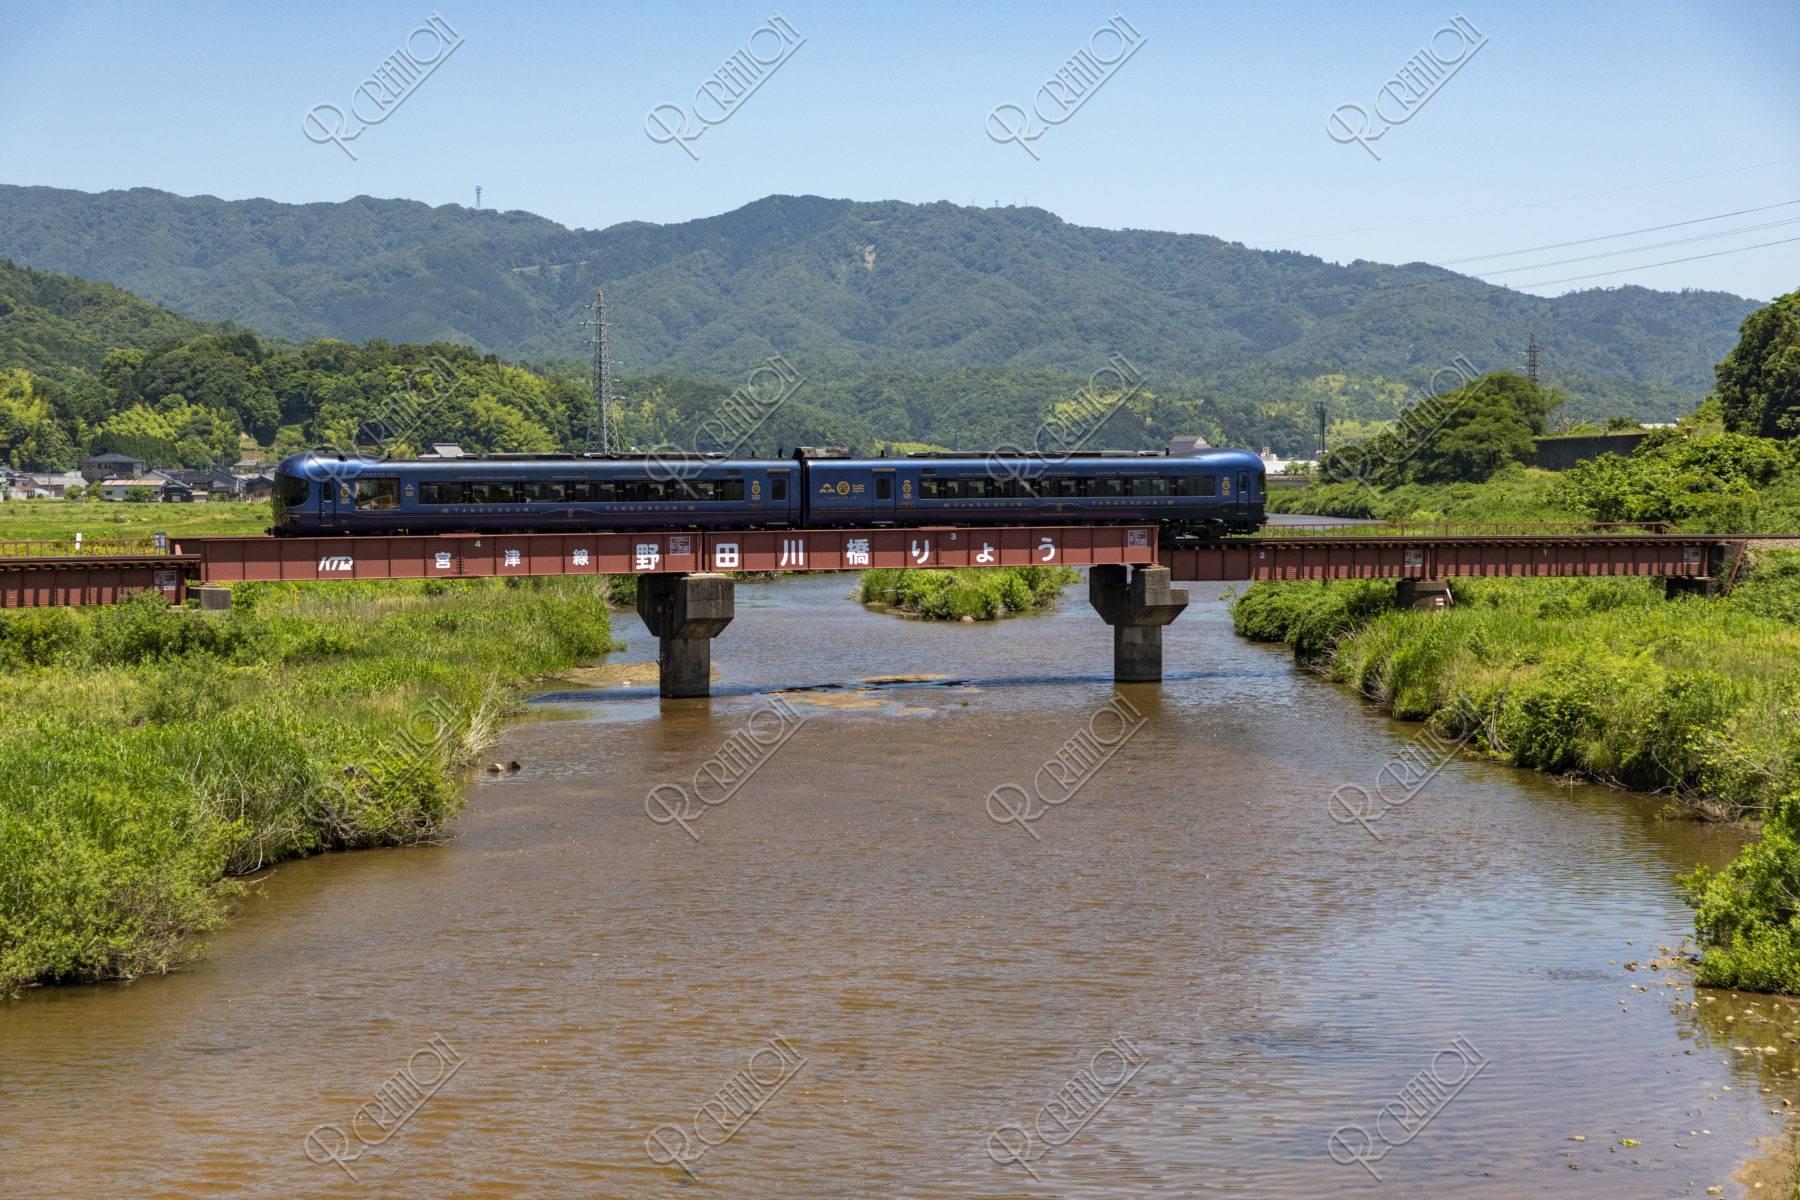 京都丹後鉄道宮豊線